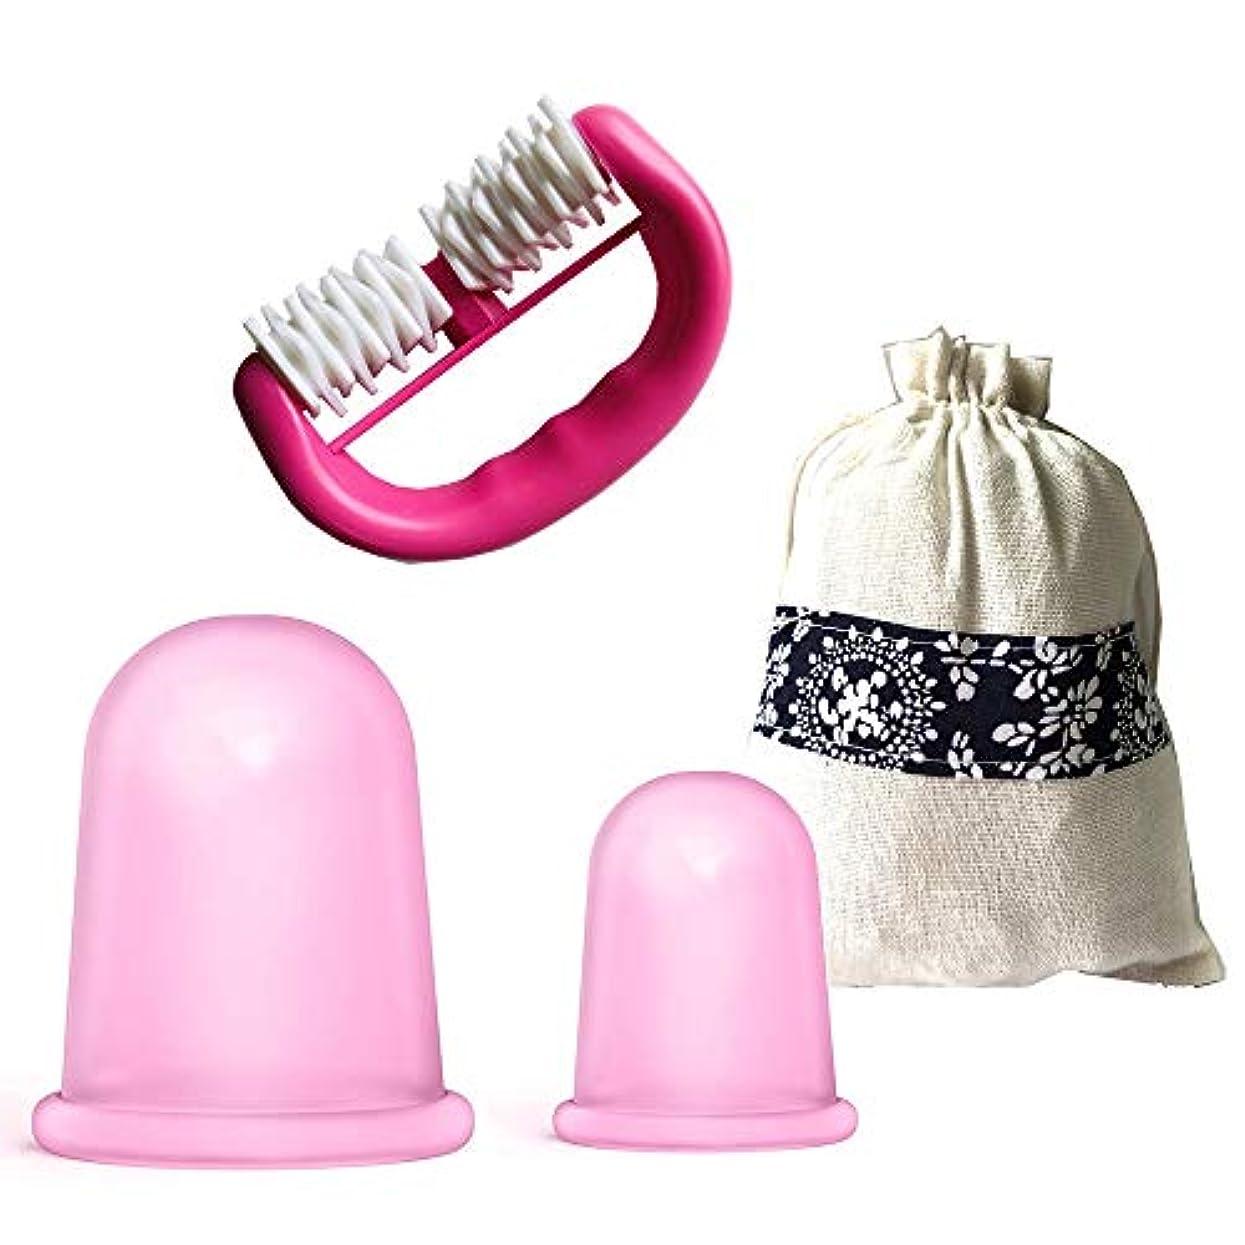 嫉妬アジャ依存セルライトカッピングセラピーセットシリコンカッピングマッサージカップモイスチャーガシャ+ローラーマッサージャー付きギフトバッグ,Pink